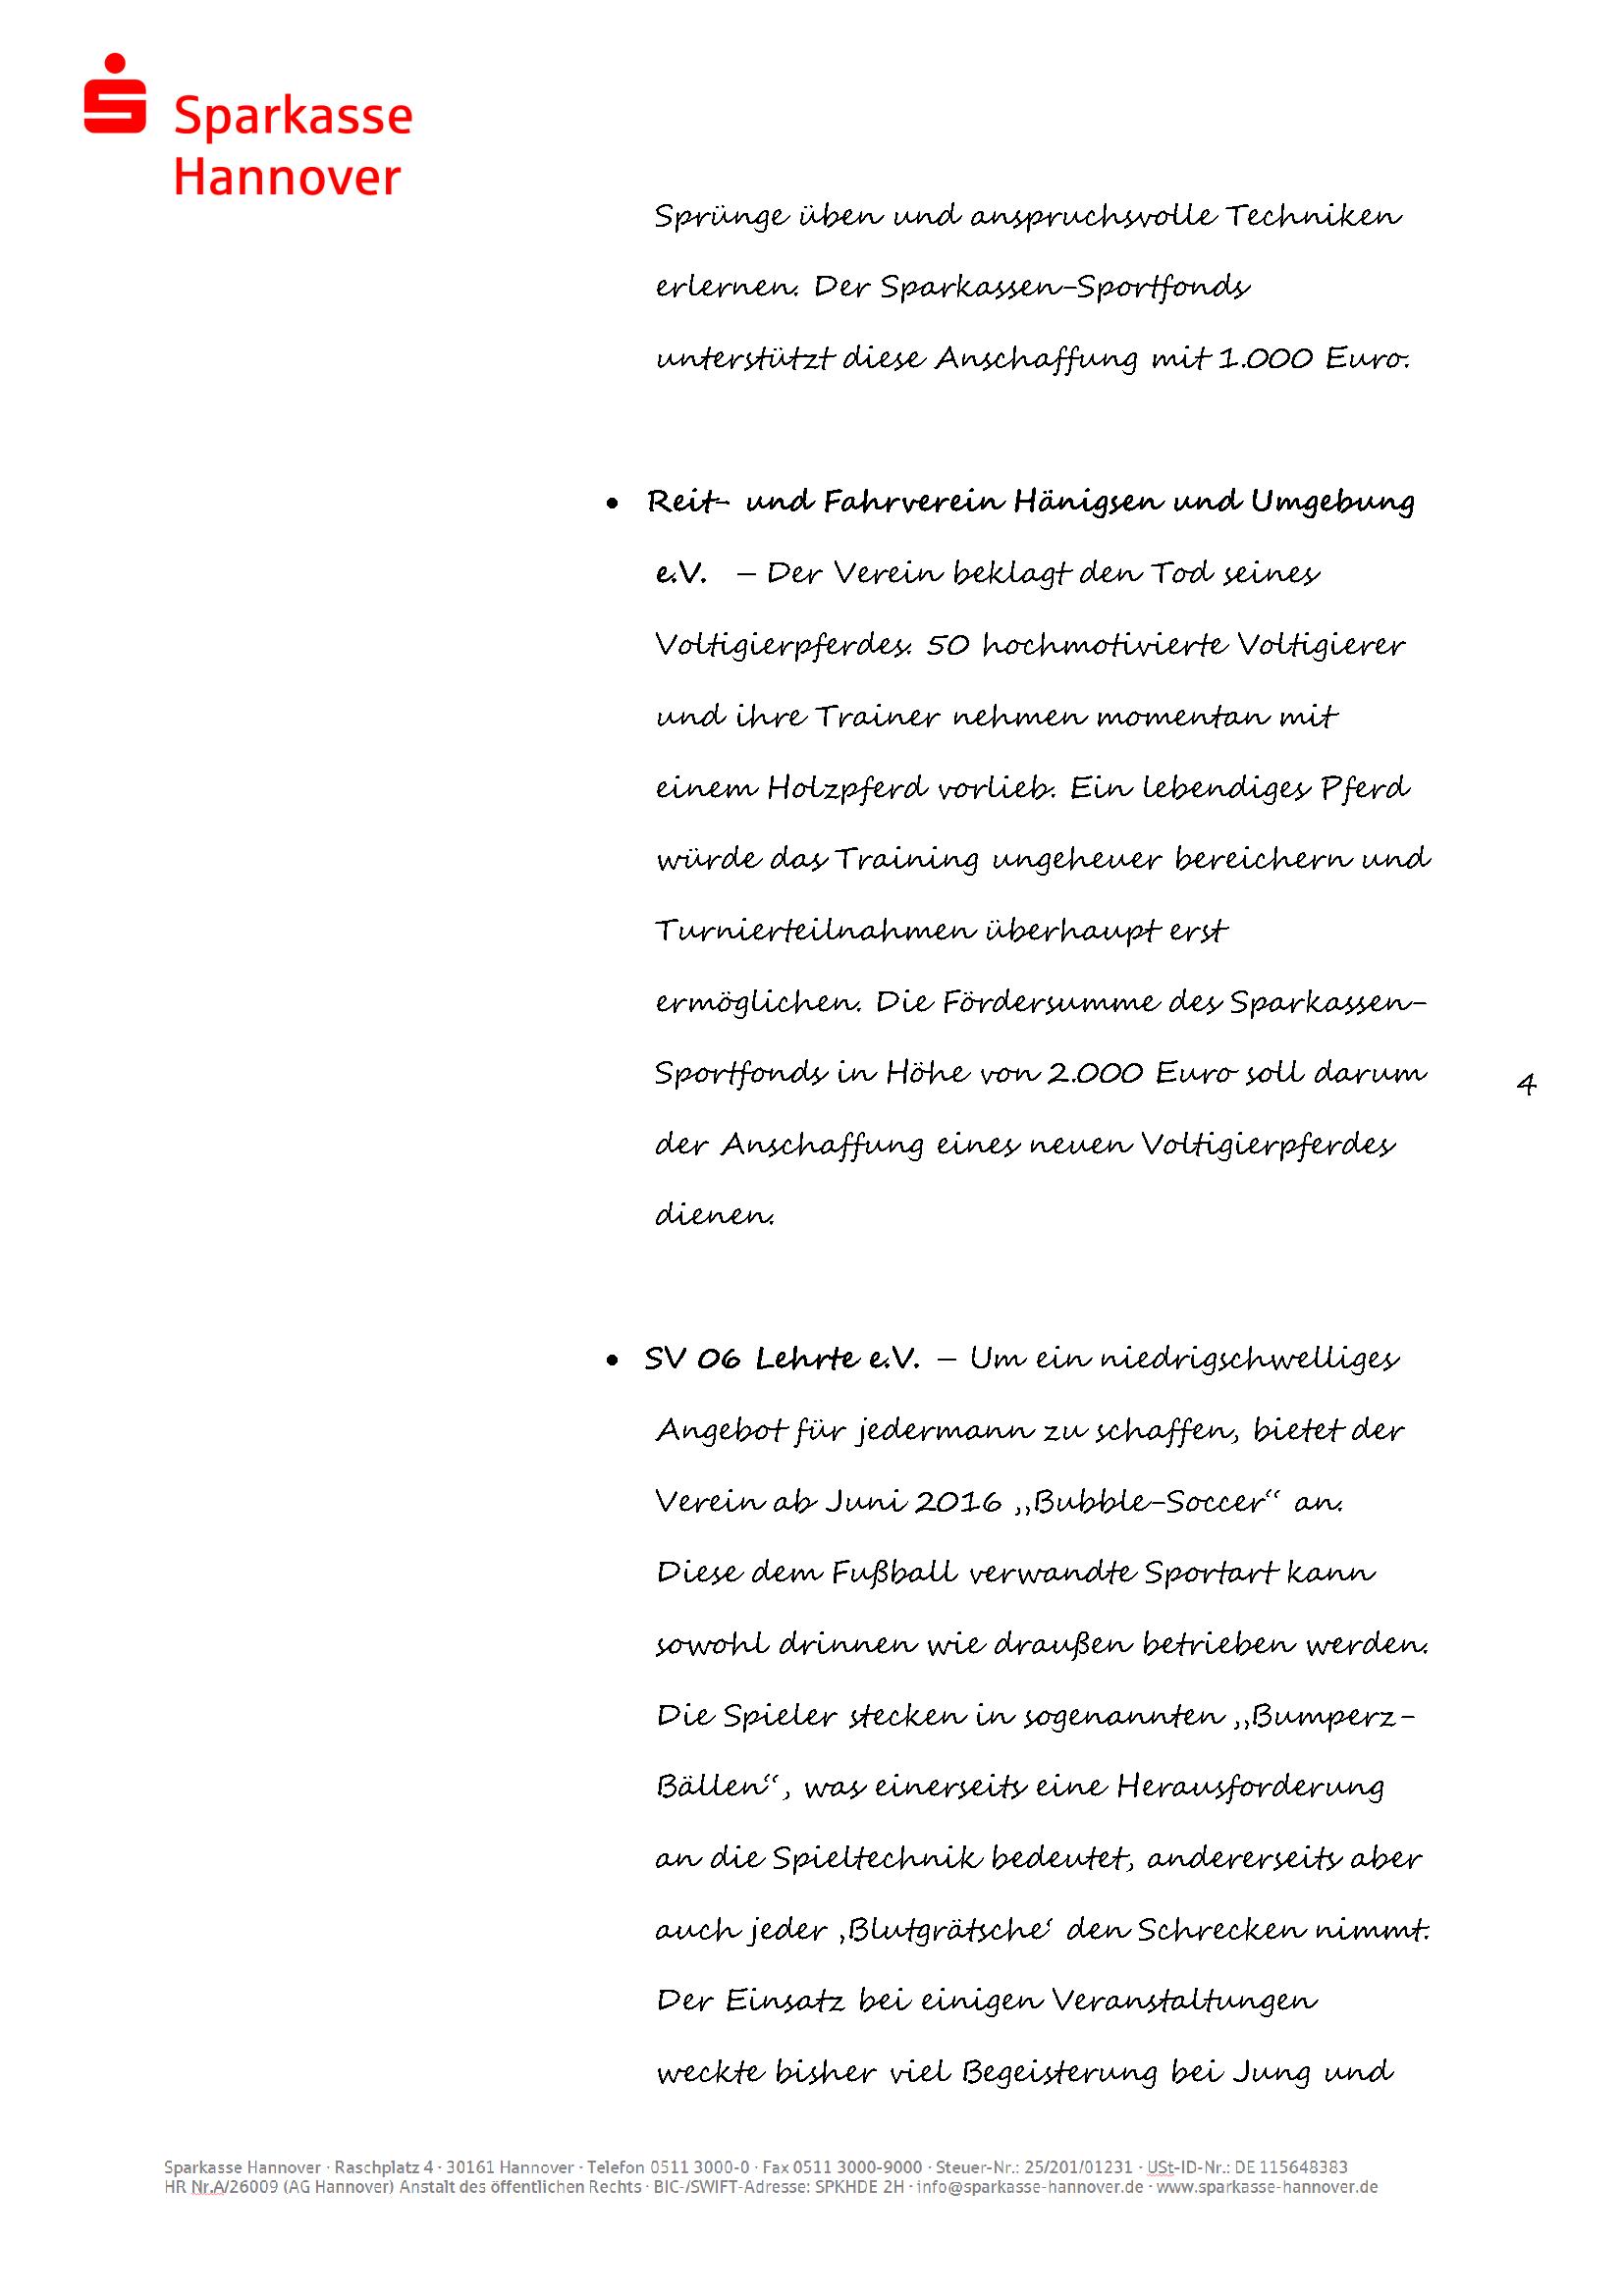 Pressemitteilung Sparkassensportfonds 26.05.2016_Seite_4